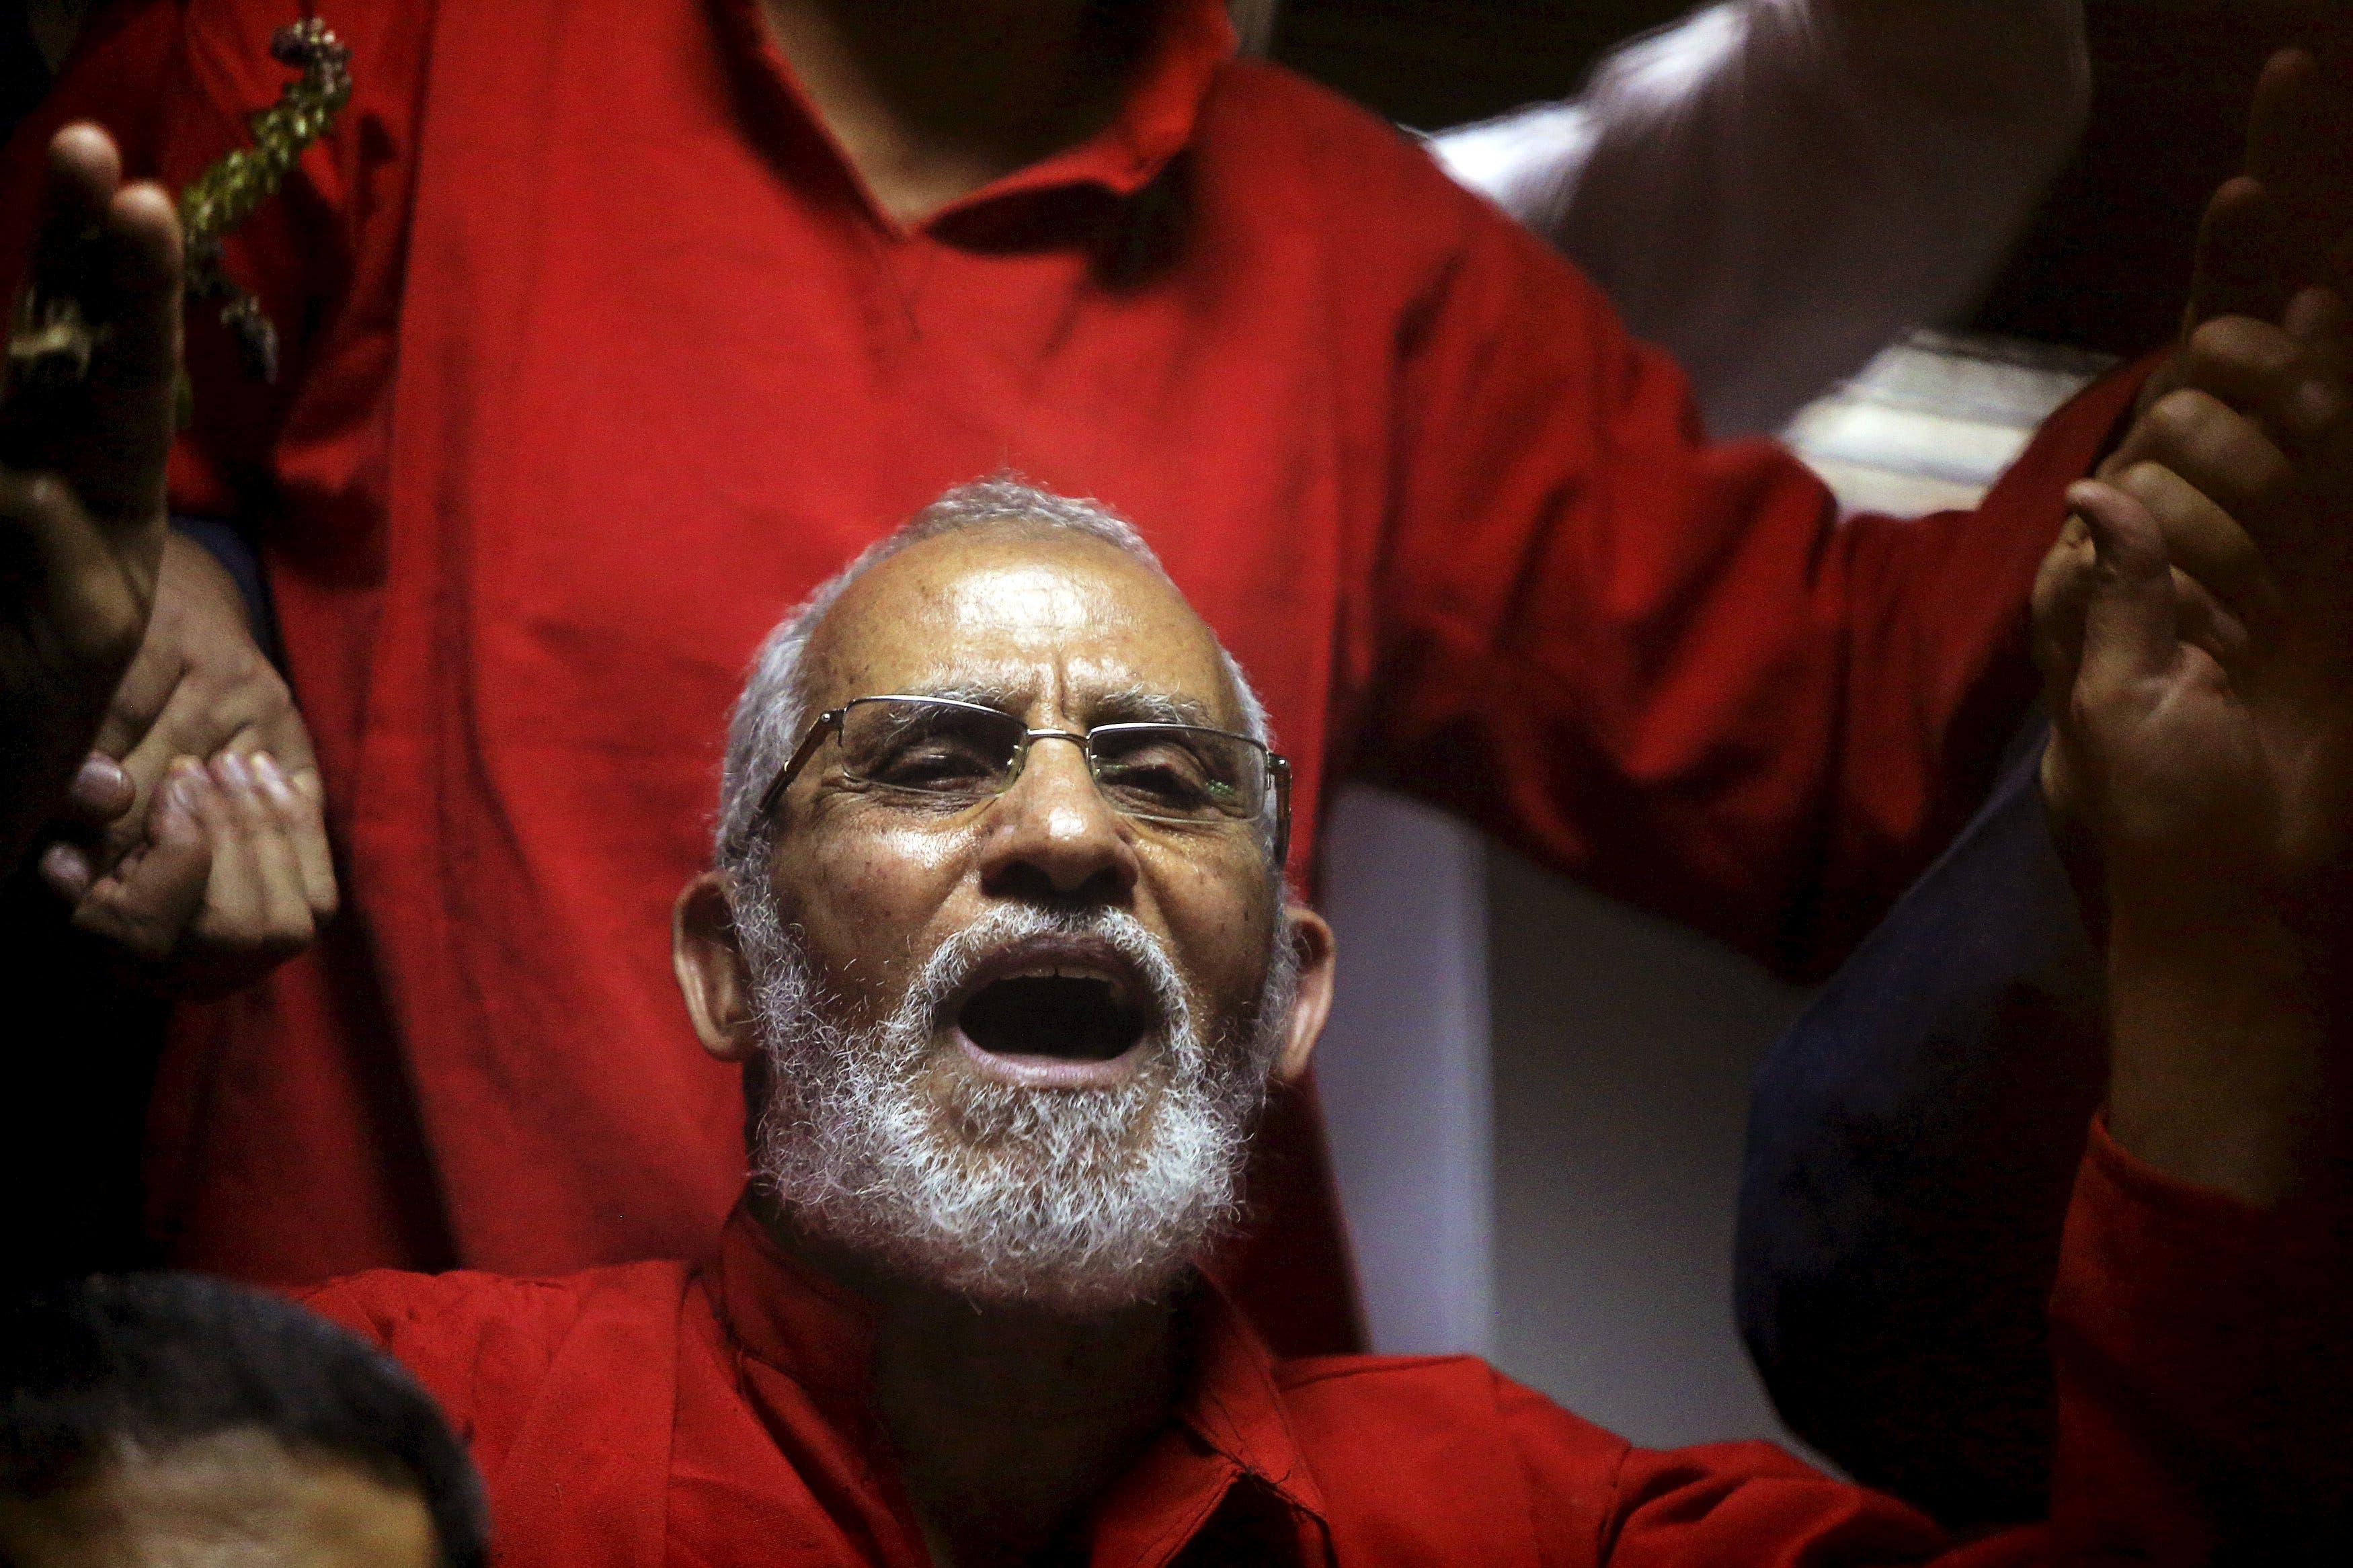 Egypt sentences former President Mursi to death